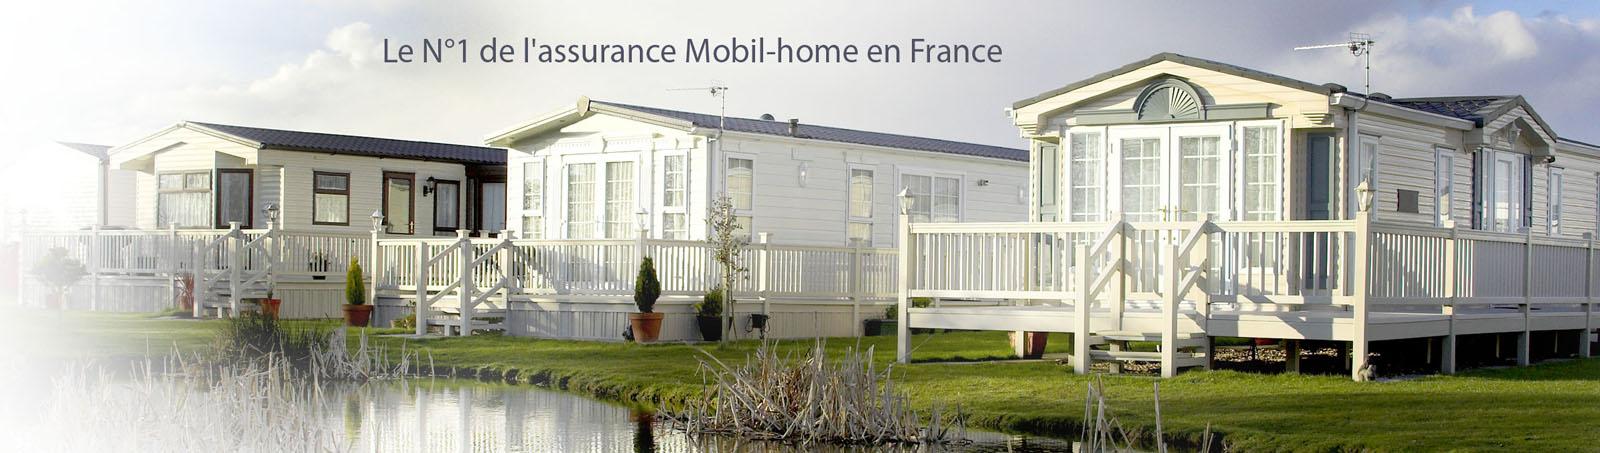 Assurance Mobil Home Matmut